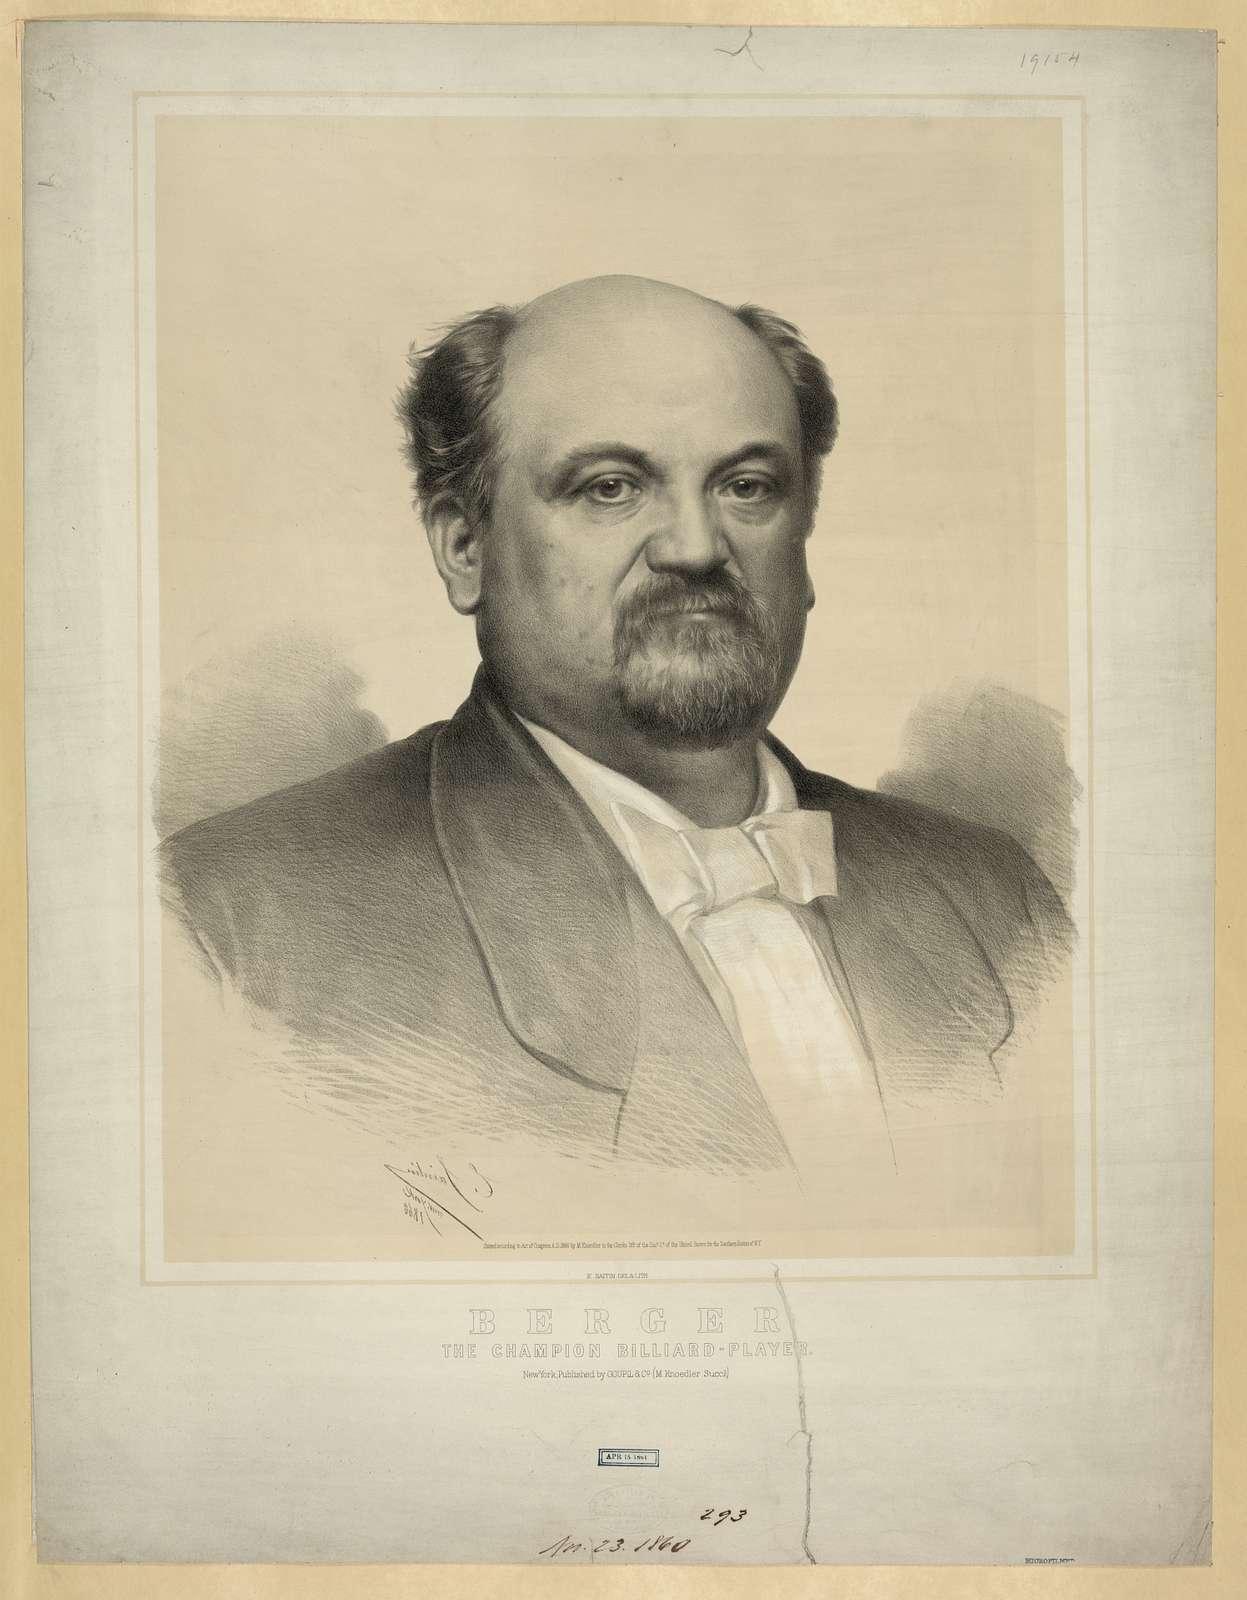 Berger, the champion billiard-player / E. Saintin, New York, 1860 [printed in reverse] ; E. Saintin, del. & lith.